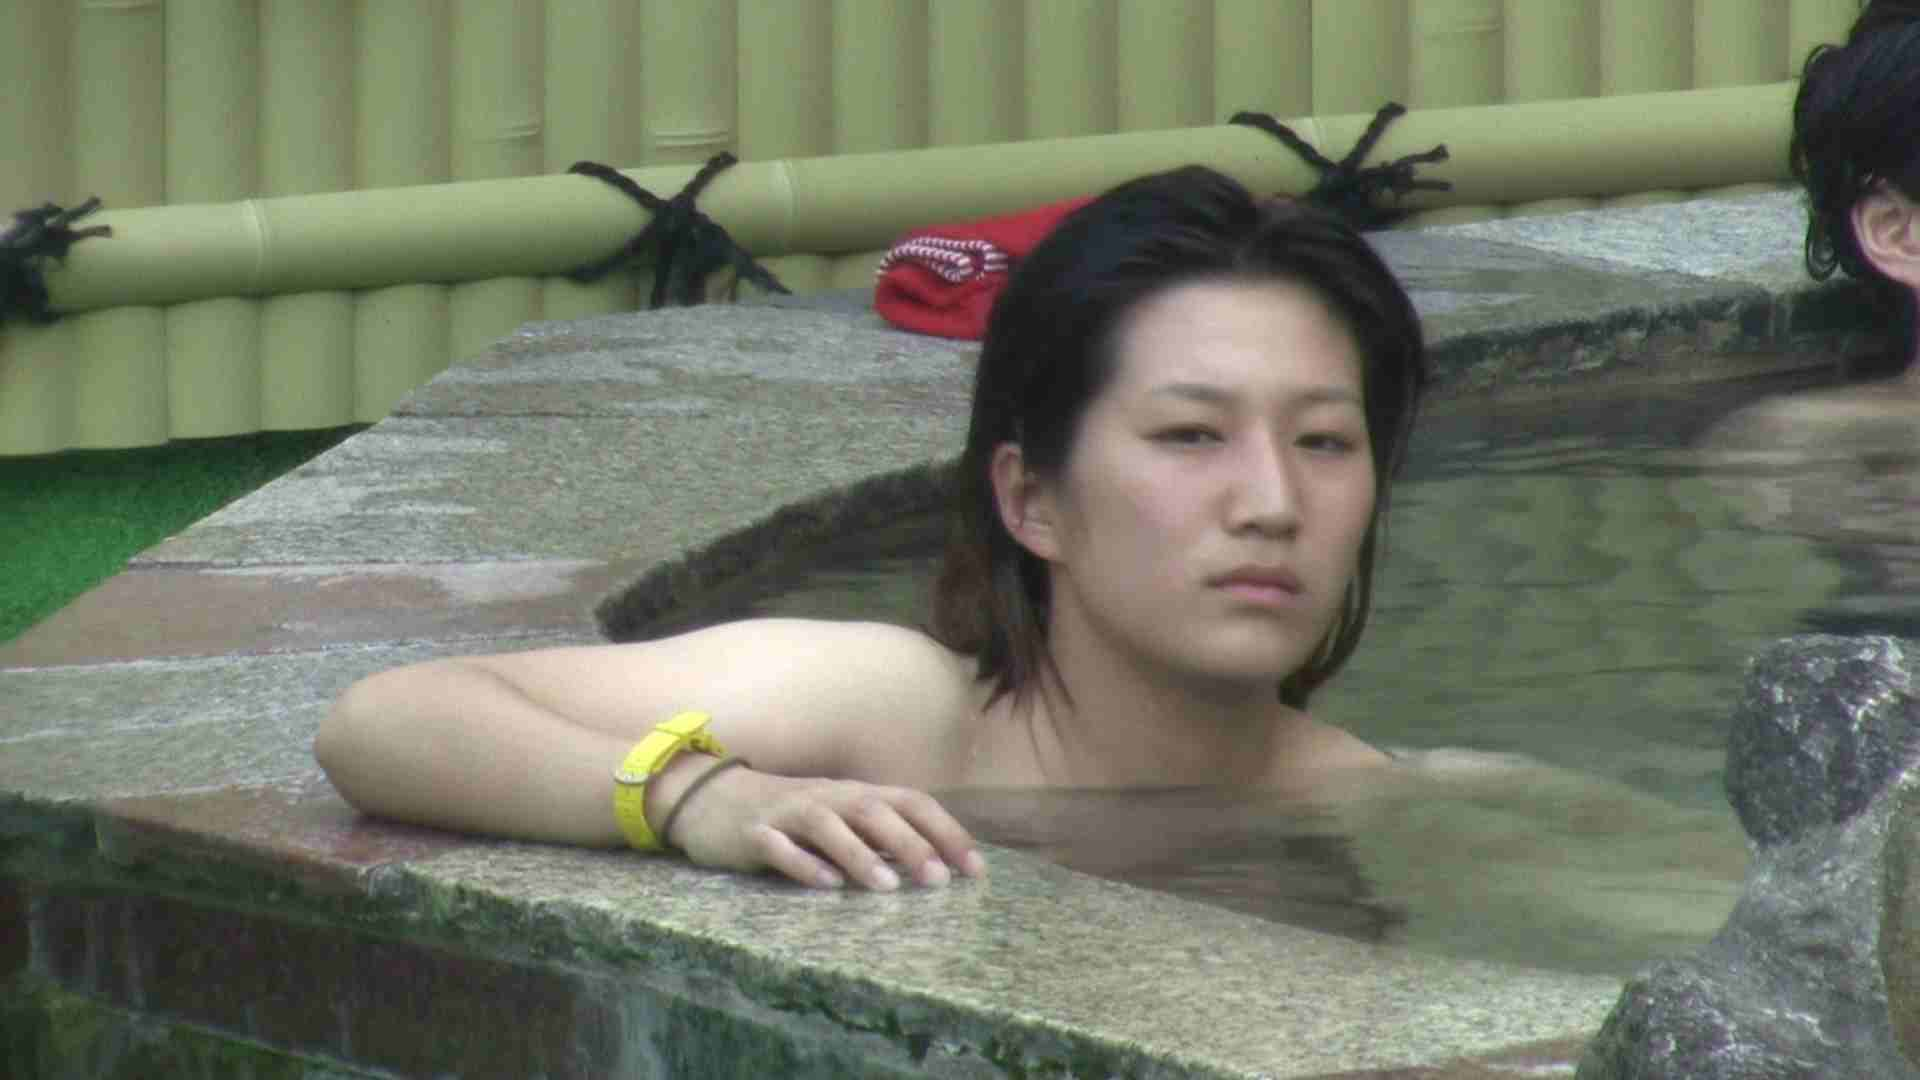 Aquaな露天風呂Vol.132 露天 | 盗撮特集  100画像 29